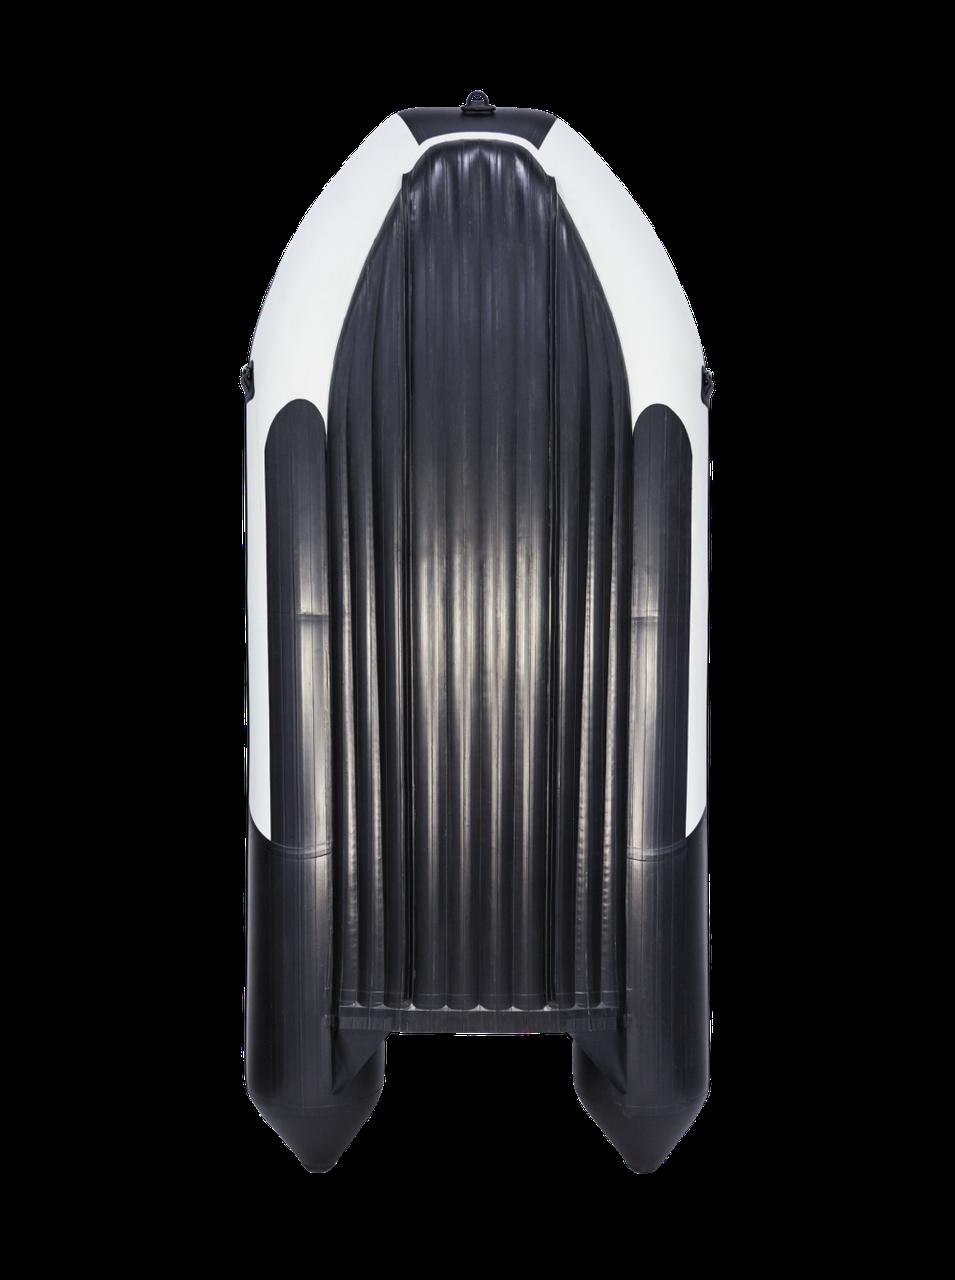 Лодка надувная моторно-гребная килевая Ривьера  4000 НДНД, Грузоподъемность: 900кг, Вместимость: 6 чел., Кол-в